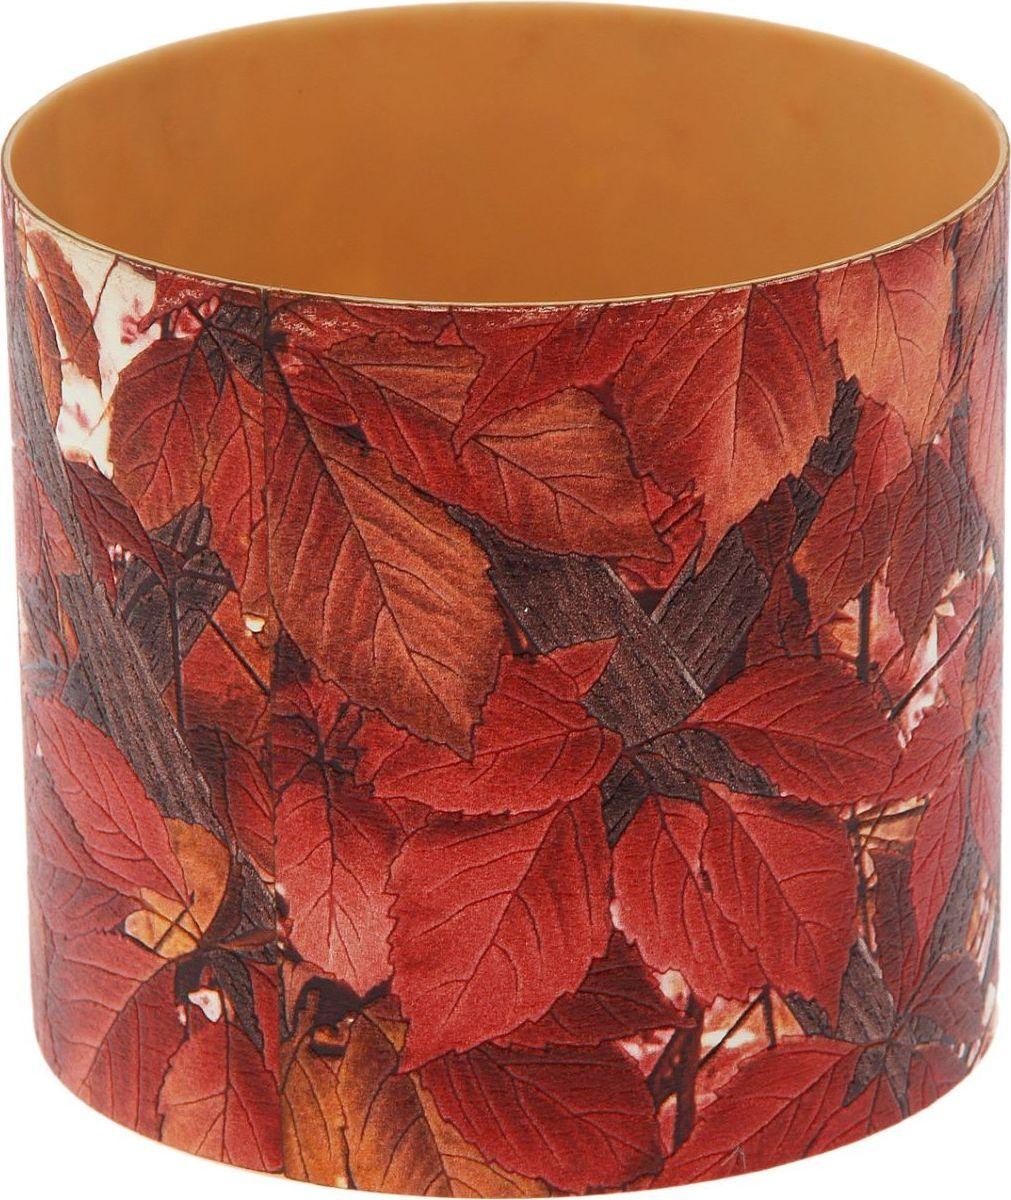 Горшок для цветов Simple Garden Кожа. Осень, со скрытым поддоном, цвет: коричневый, бордовый, 1,7 л1915410Любой, даже самый современный и продуманный интерьер будет незавершенным без растений. Они не только очищают воздух и насыщают его кислородом, но и украшают окружающее пространство. Такому полезному члену семьи просто необходим красивый и функциональный дом, которым может стать горшок для цветов Simple Garden Кожа. Осень! Оптимальный выбор материала - пластмасса! С легкостью переносите горшки и кашпо с места на место, ставьте их на столики или полки, не беспокоясь о нагрузке. Кашпо не нуждается в специальных условиях хранения. Его легко чистить - достаточно просто сполоснуть теплой водой. Никаких потертостей. Такие кашпо не царапают и не загрязняют поверхности, на которых стоят. Пластик дольше хранит влагу, а значит, растение реже нуждается в поливе. Пластмасса не пропускает воздух - корневой системе растения не грозят резкие перепады температур.Создавайте прекрасные цветочные композиции, выращивайте рассаду или необычные растения. Объем: 1,7 л.